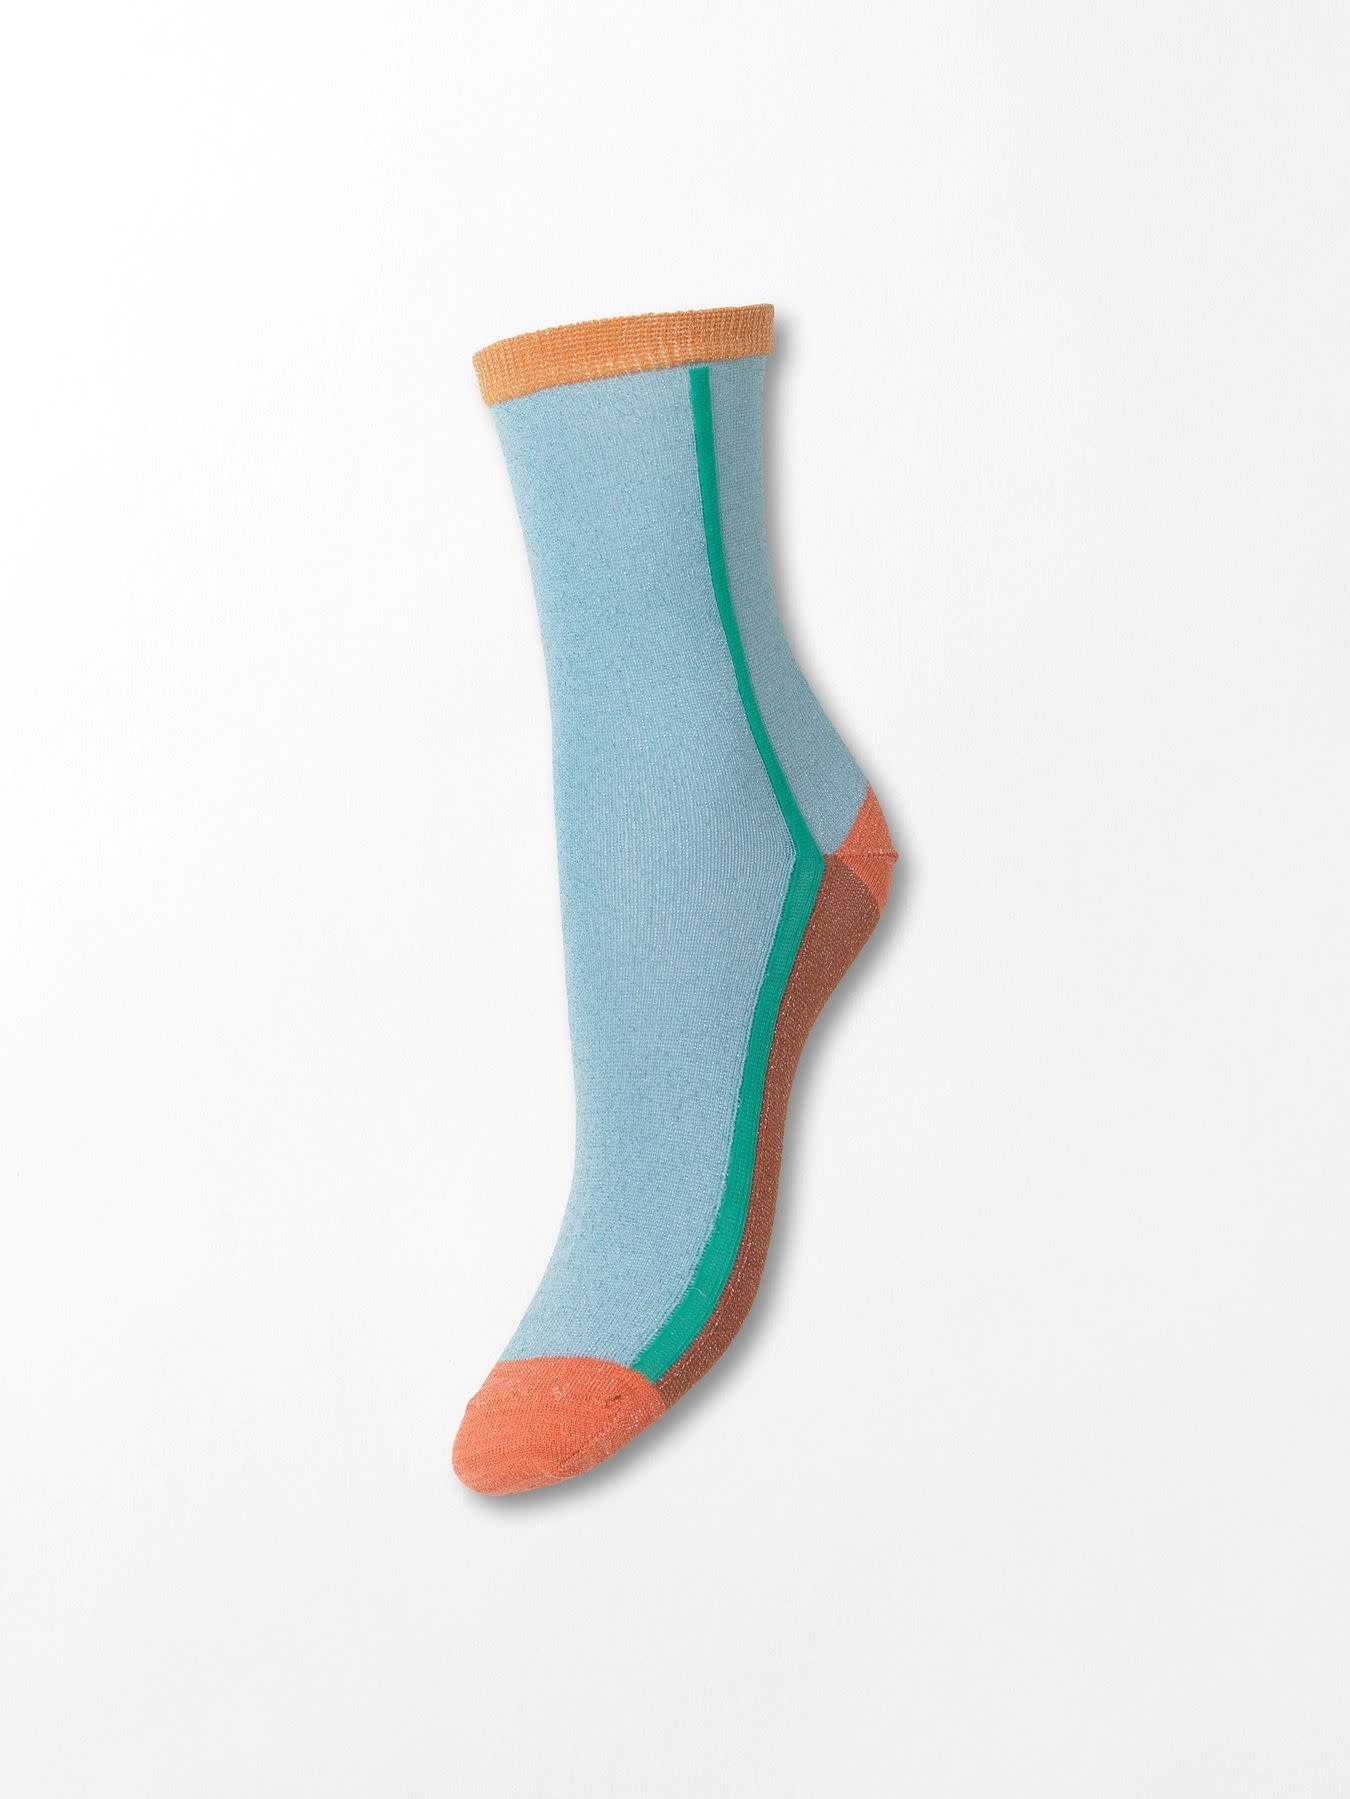 Beck Söndergaard Dean summerblock socks - Skyway 39/41